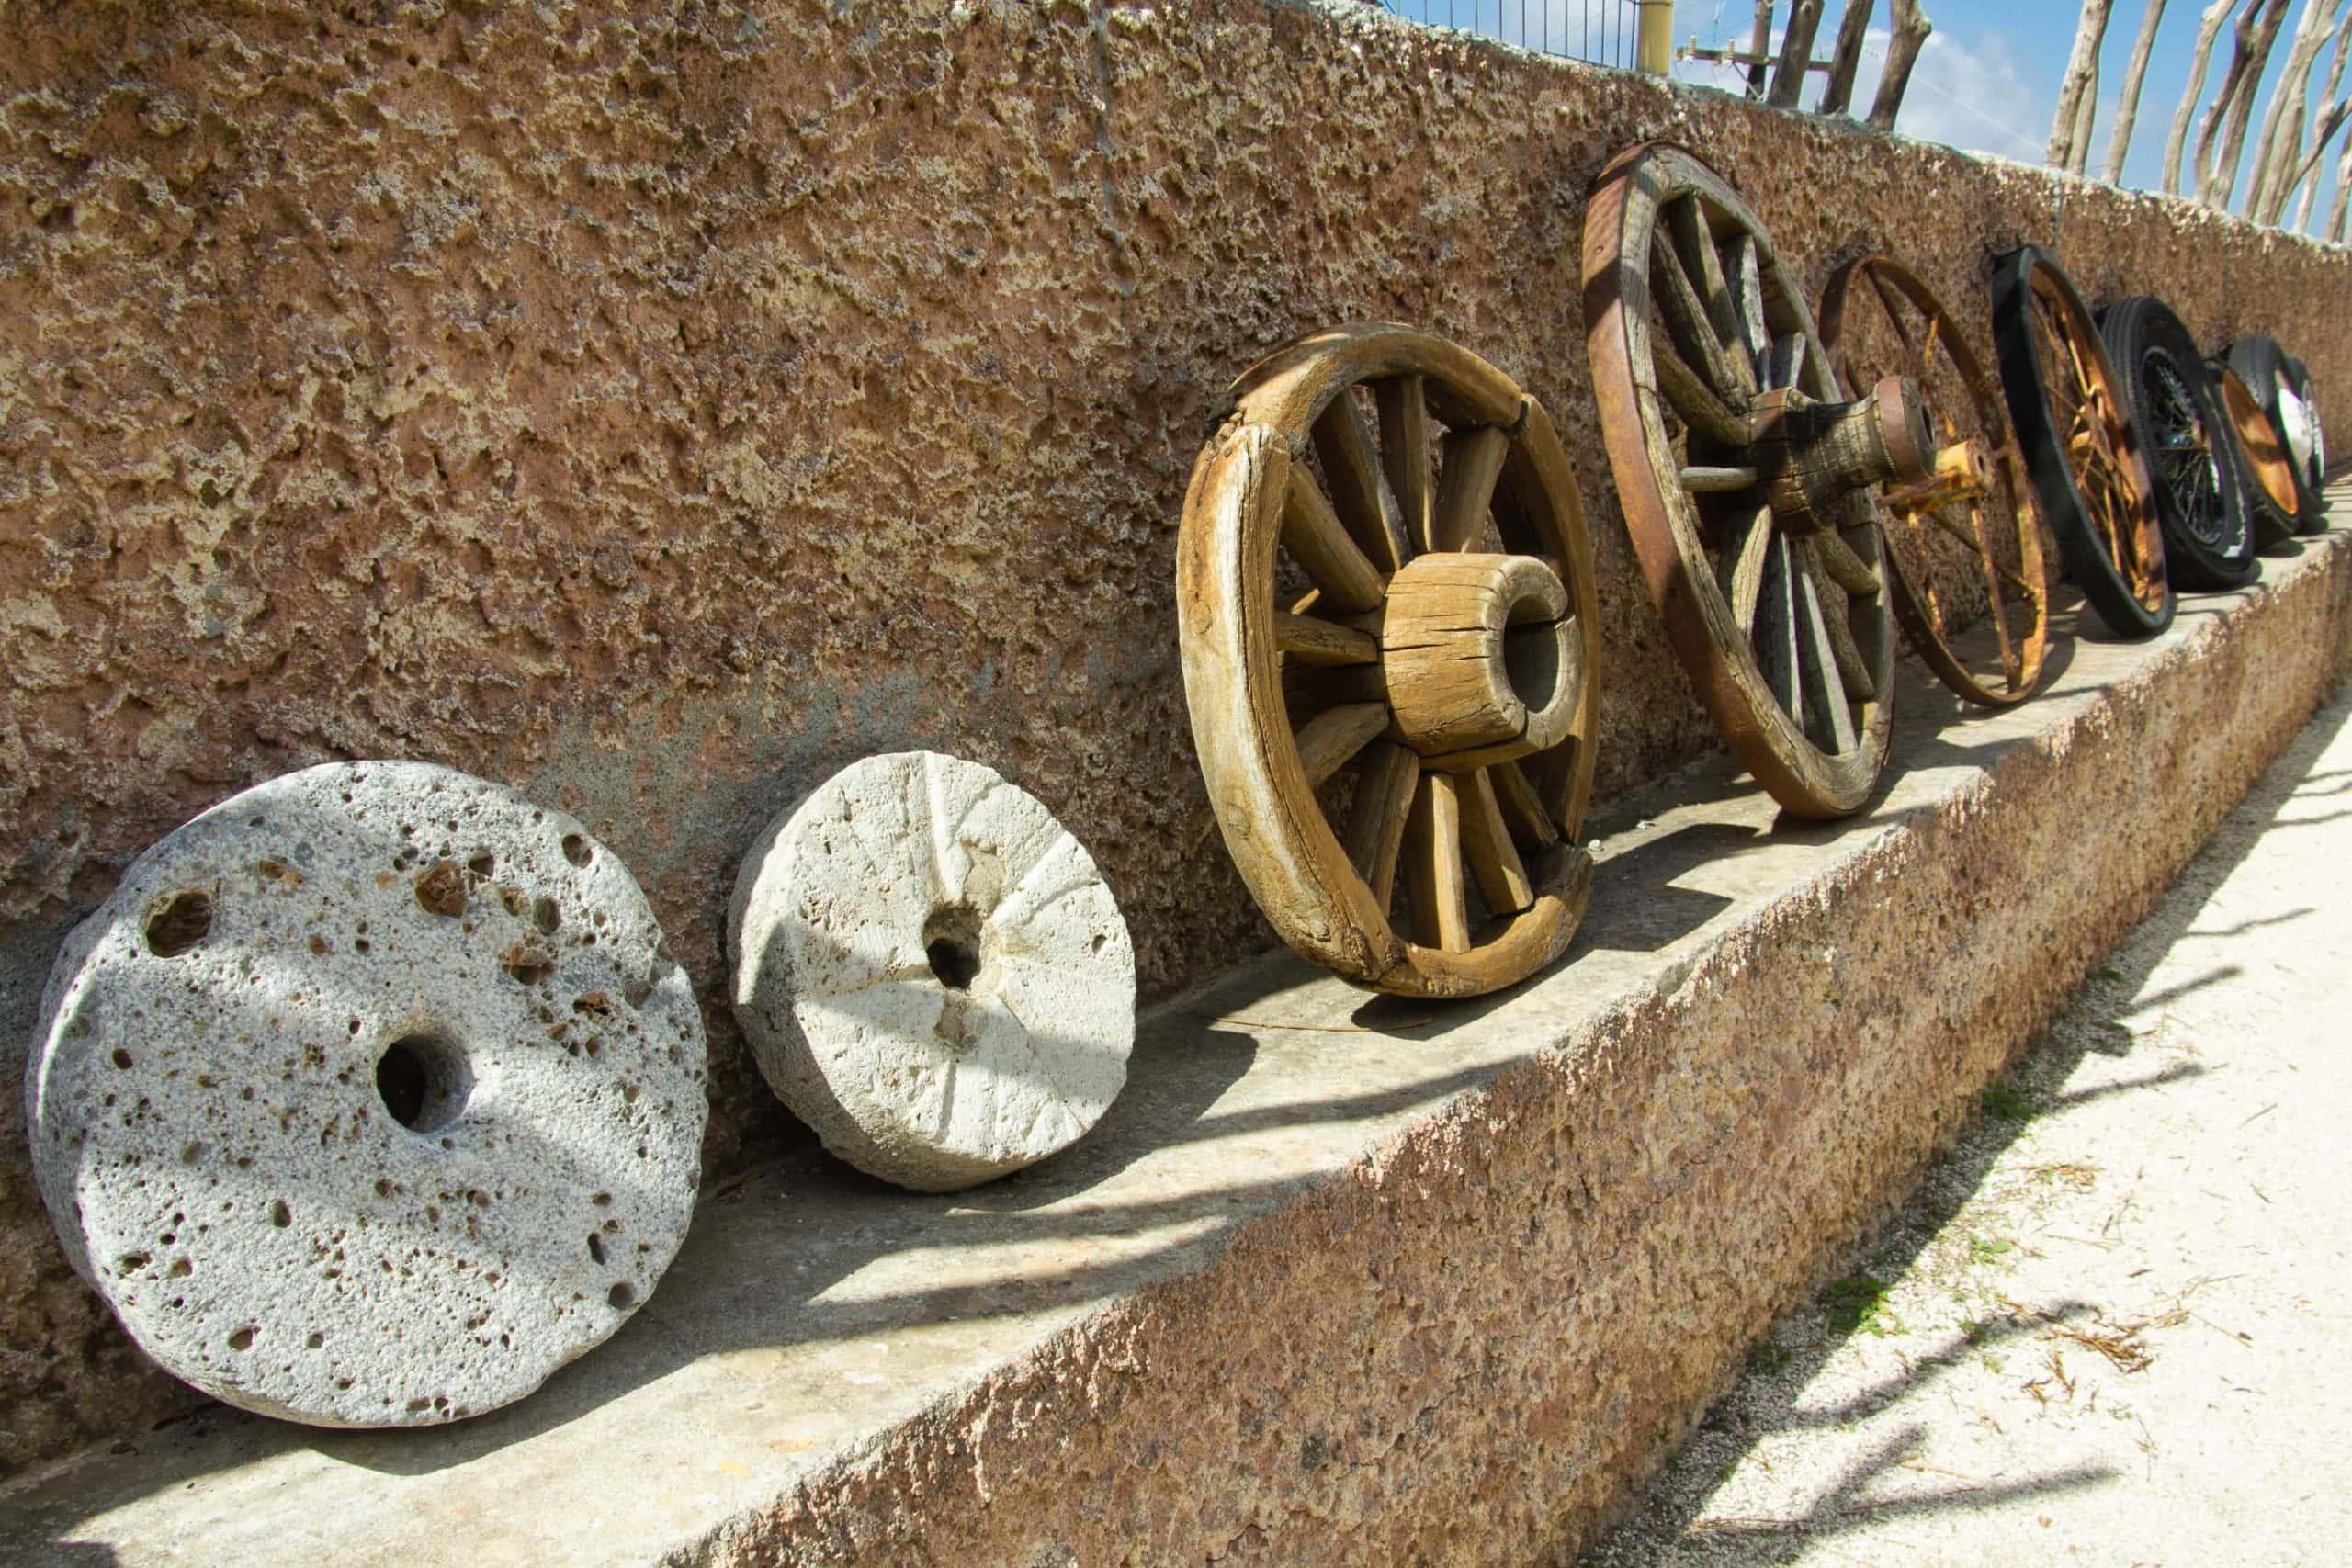 Räder aneinander gereiht, die Token symbolisieren sollen